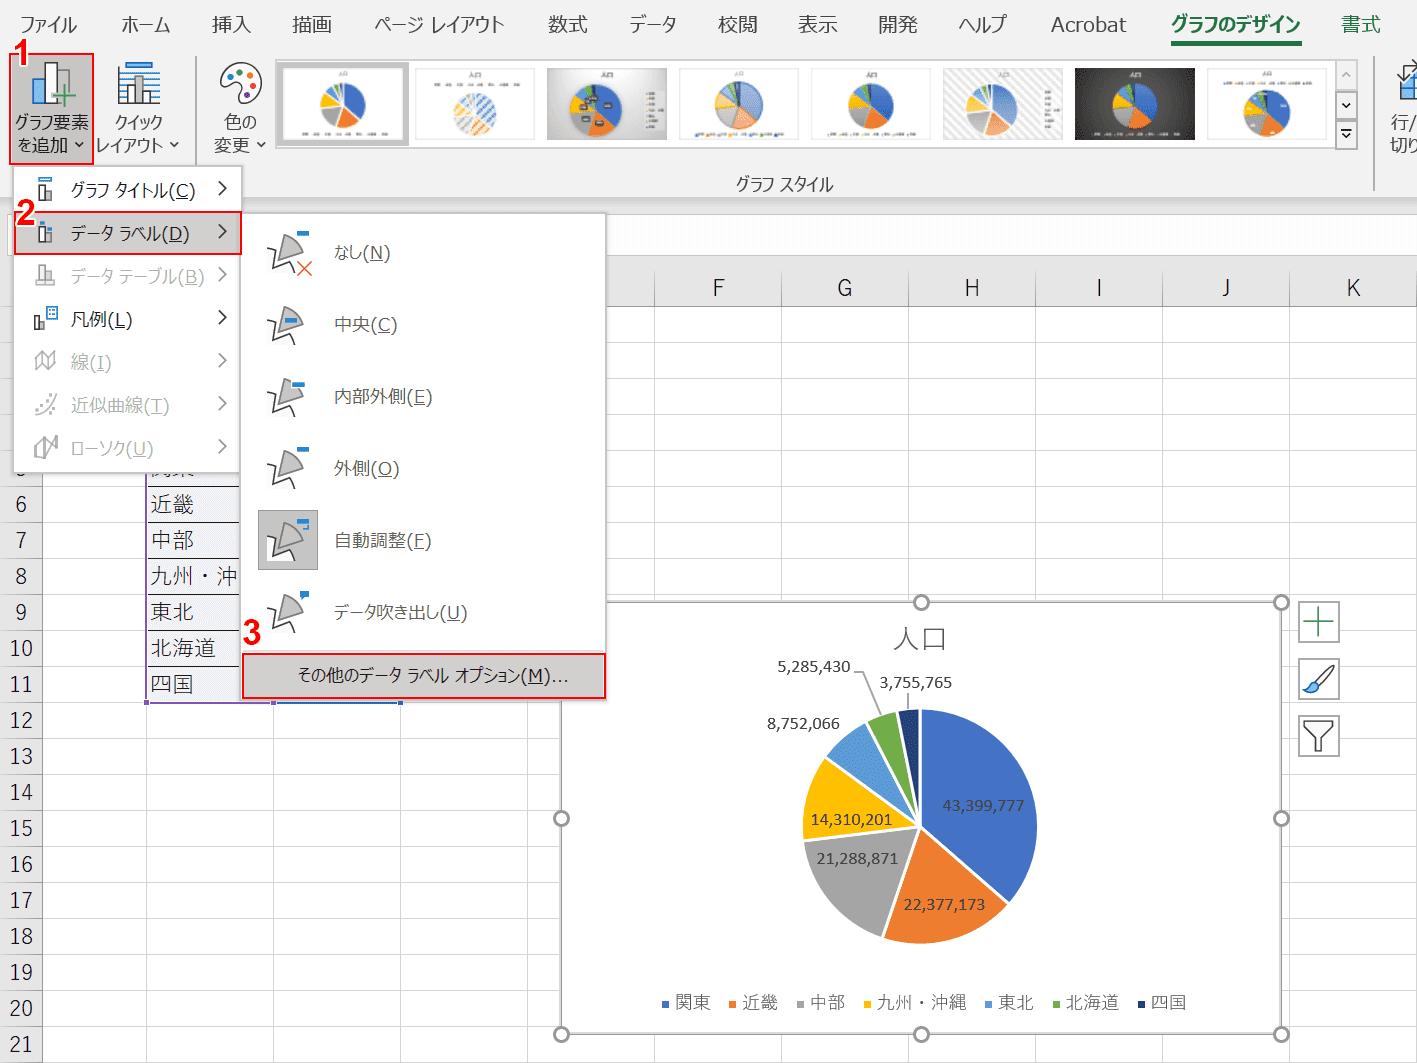 グラフ要素を追加